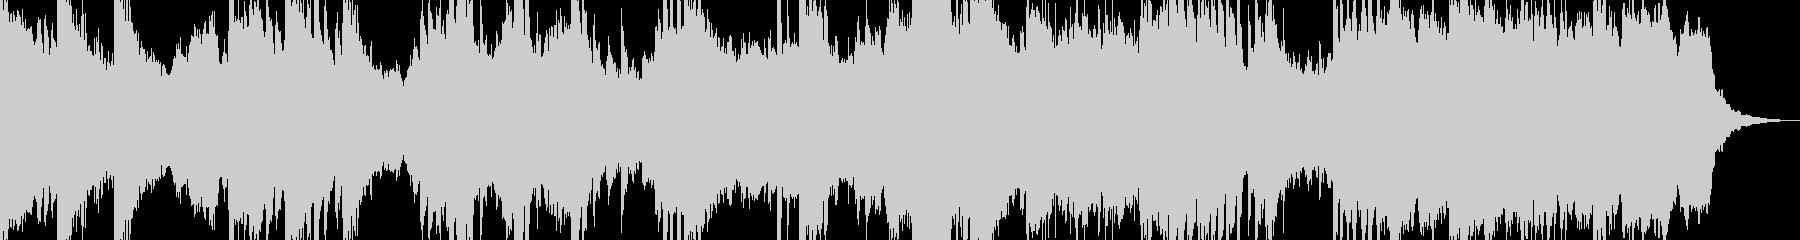 コマーシャル等の短い感動的な音楽の未再生の波形